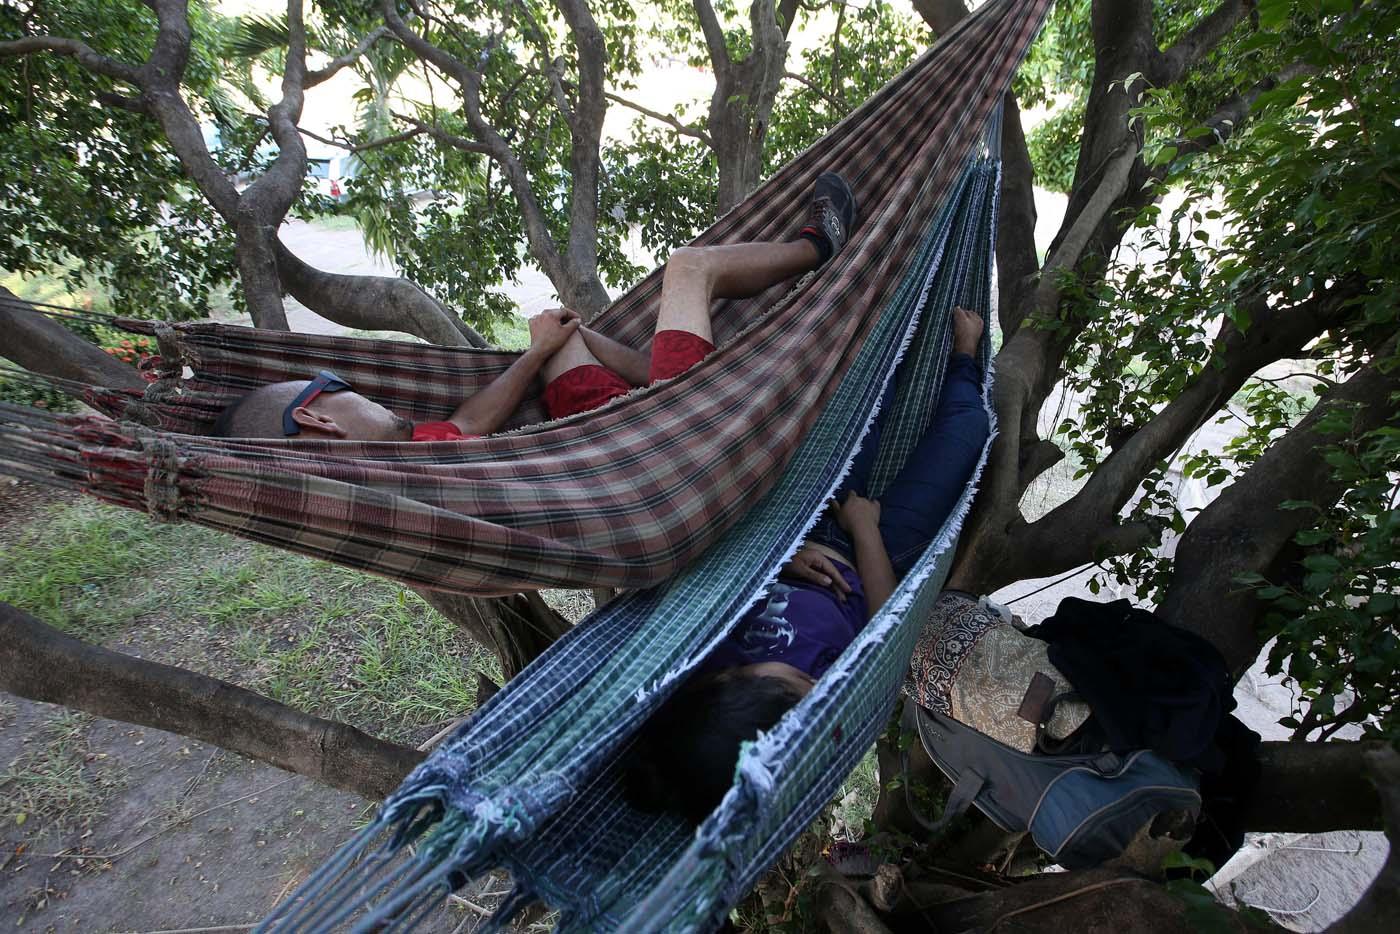 """ACOMPAÑA CRÓNICA: BRASIL VENEZUELA BRA07. BOA VISTA (BRASIL), 22/10/2016.- Los venezolanos José Antonio Garrido (i) y Sairelis Ríos (d) duermen en sus hamacas este jueves, 20 de octubre de 2016, frente a la terminal de autobuses de Boa Vista, estado de Roraima (Brasil). Es venezolana, tiene 20 años, quiere ser traductora y hoy, en una hamaca colgada en un árbol que ha convertido en su casa en la ciudad brasileña de Boa Vista, mece unos sueños que, según aseguró, no serán truncados por """"el fracaso de una revolución"""". """"No estoy aquí por política. Lo que me trajo aquí fue el fracaso de unas políticas"""", dijo a Efe Sairelis Ríos, quien junto a su madre Keila y una decena de venezolanos vive en plena calle, frente a la terminal de autobuses de Boa Vista, una ciudad que en los últimos meses ha recibido unos 2.500 emigrantes de ese país vecino. EFE/Marcelo Sayão"""